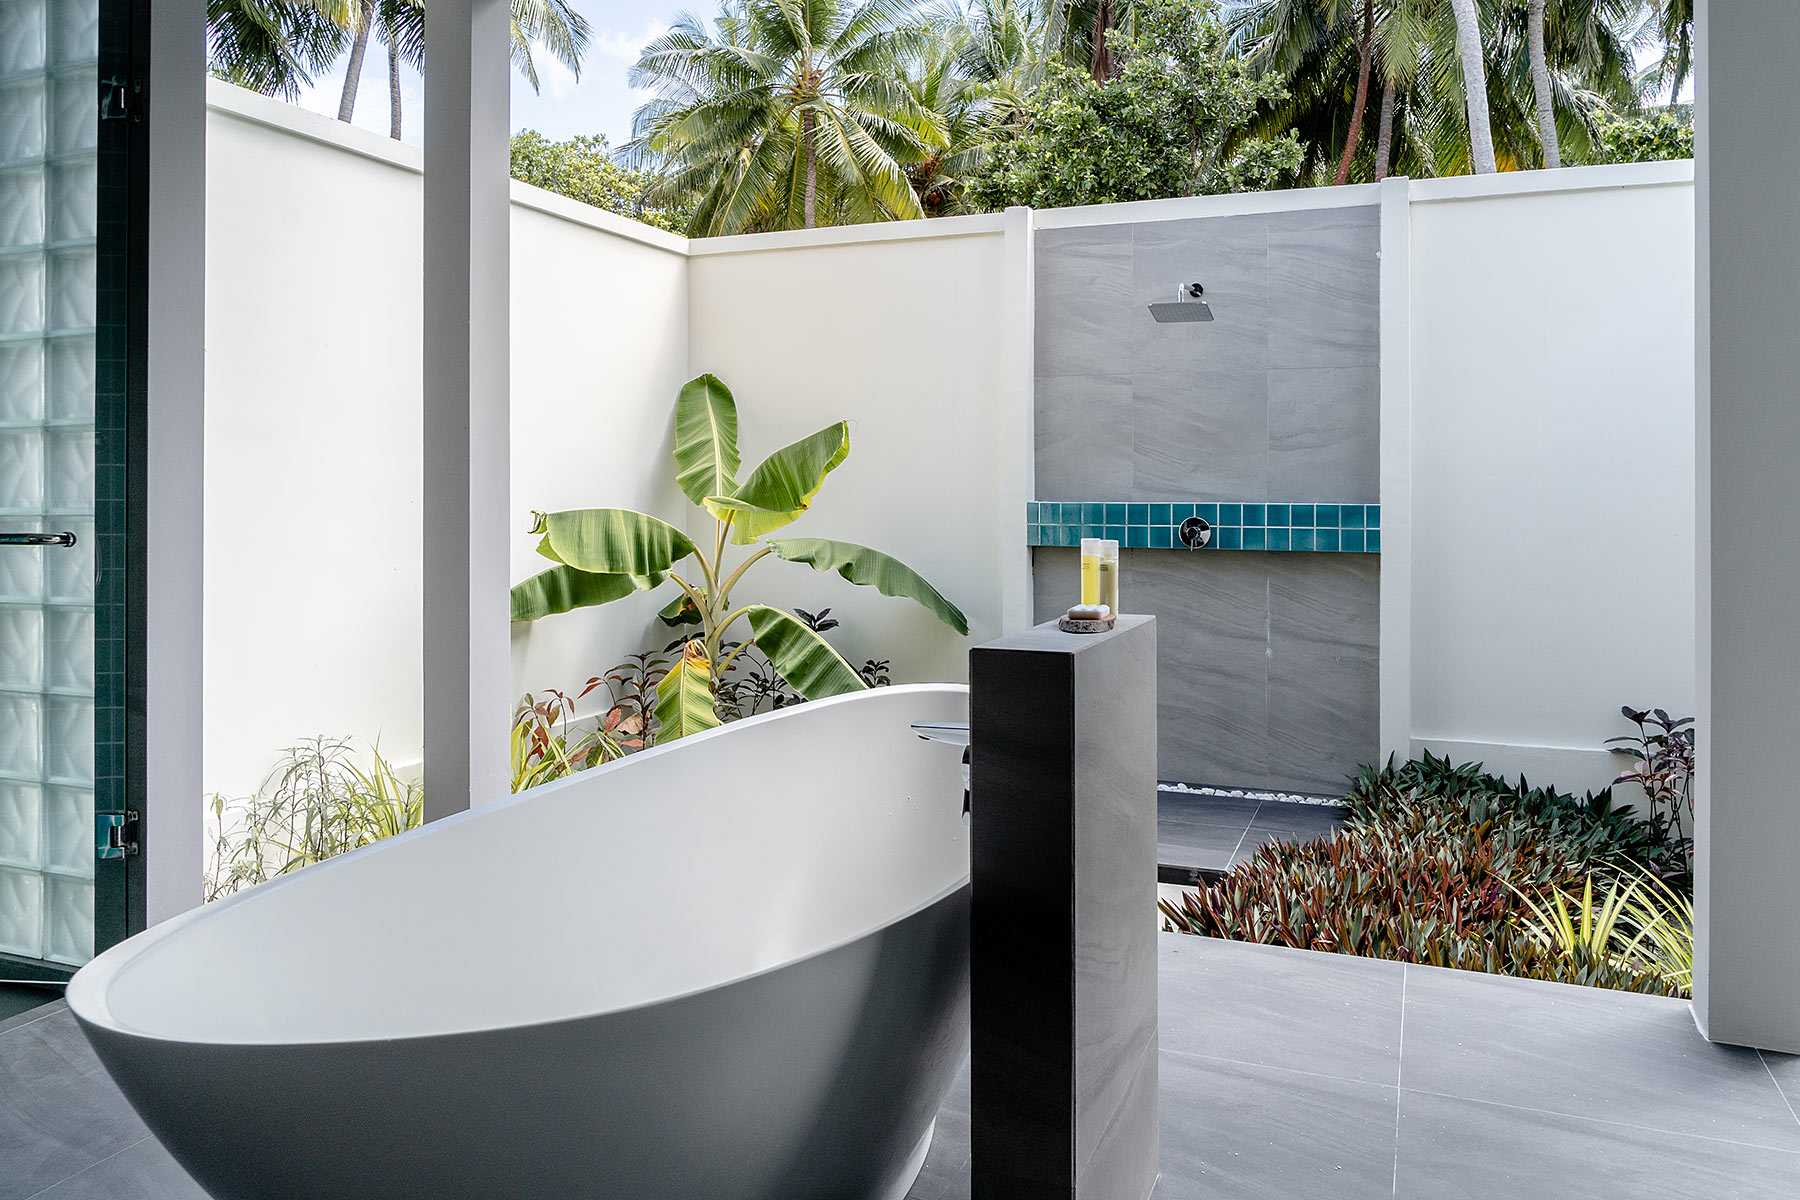 malediven badezimmer im freien dhigali travel blog sunnyinga